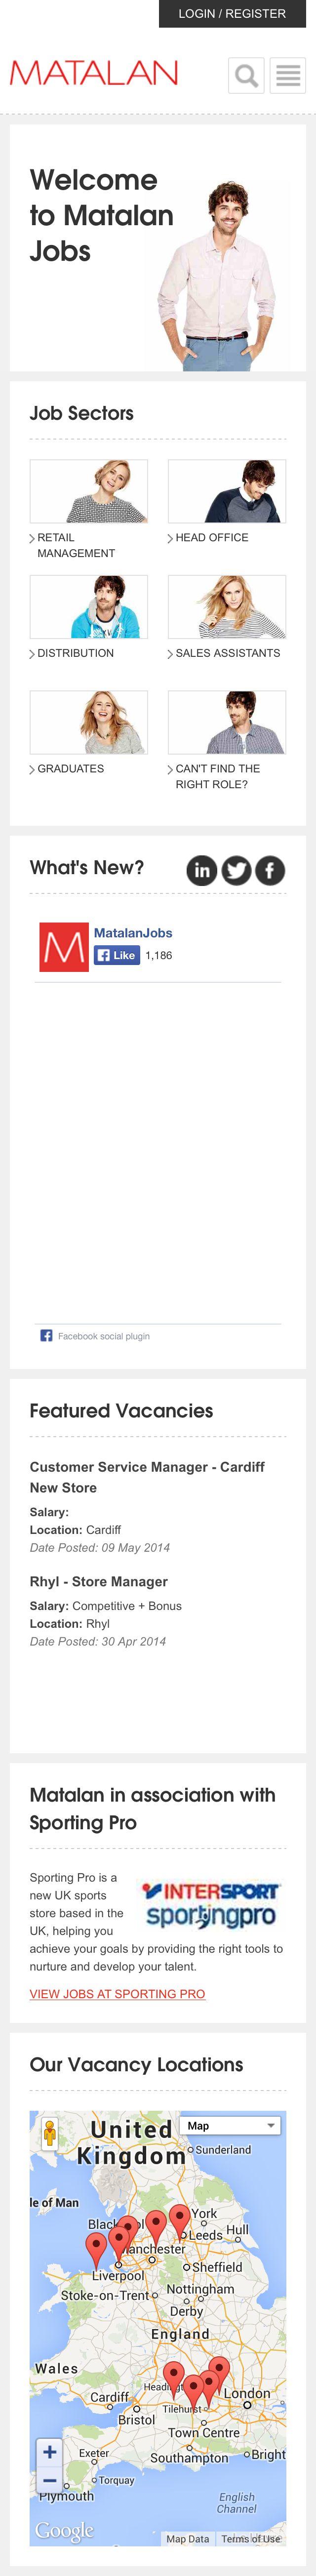 Matalan Mobile Responsive career site